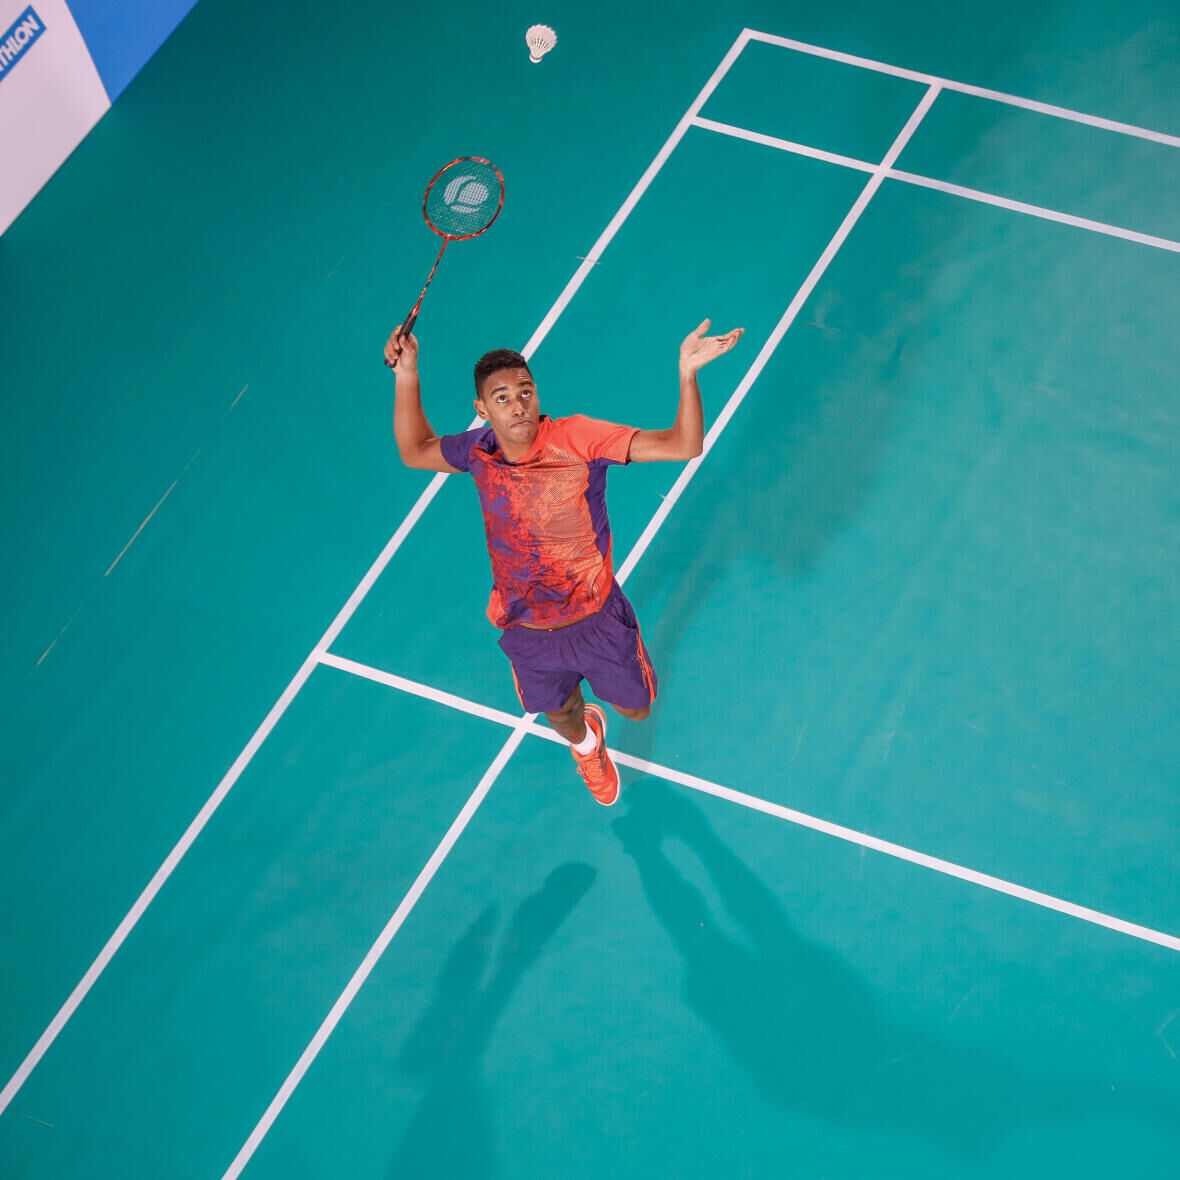 het-juiste-badmintonracket-kiezen